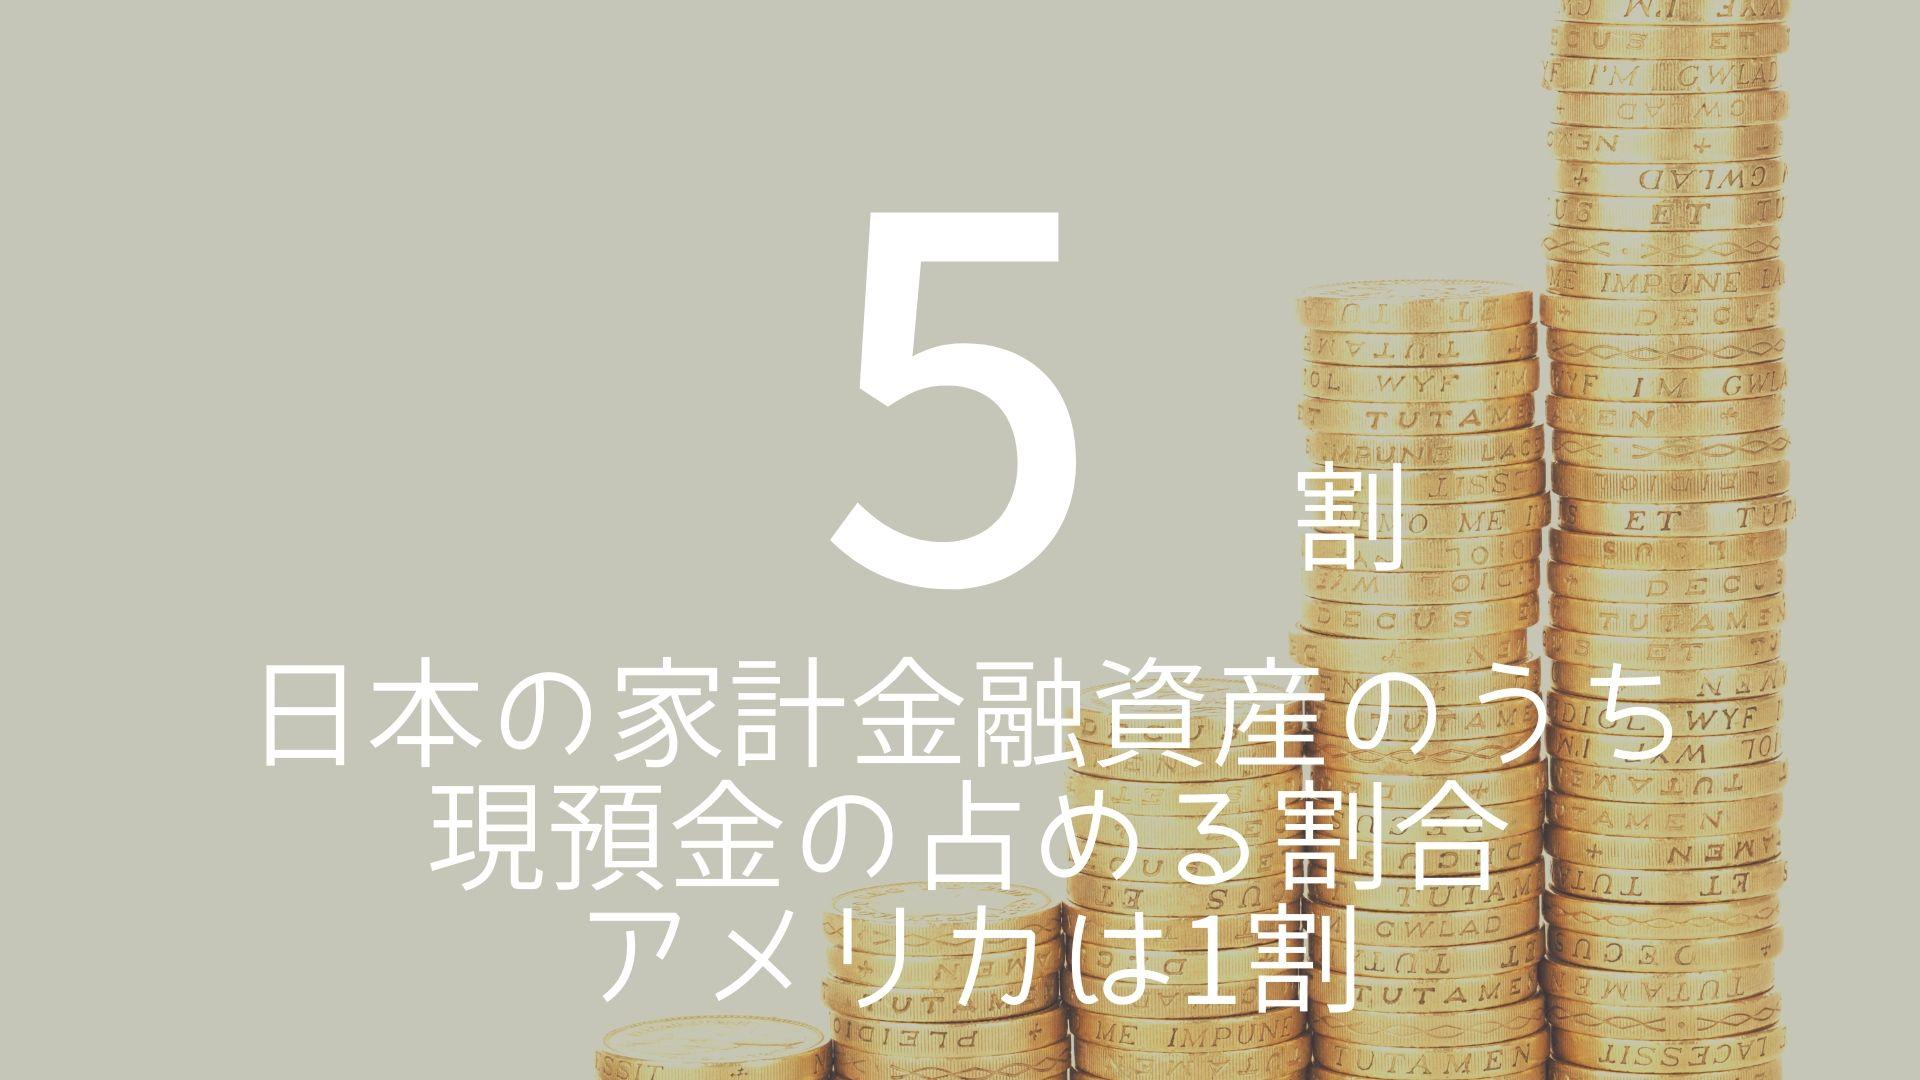 「5割」 >>> 日本の家計金融資産のうち現預金の占める割合。アメリカは1割。